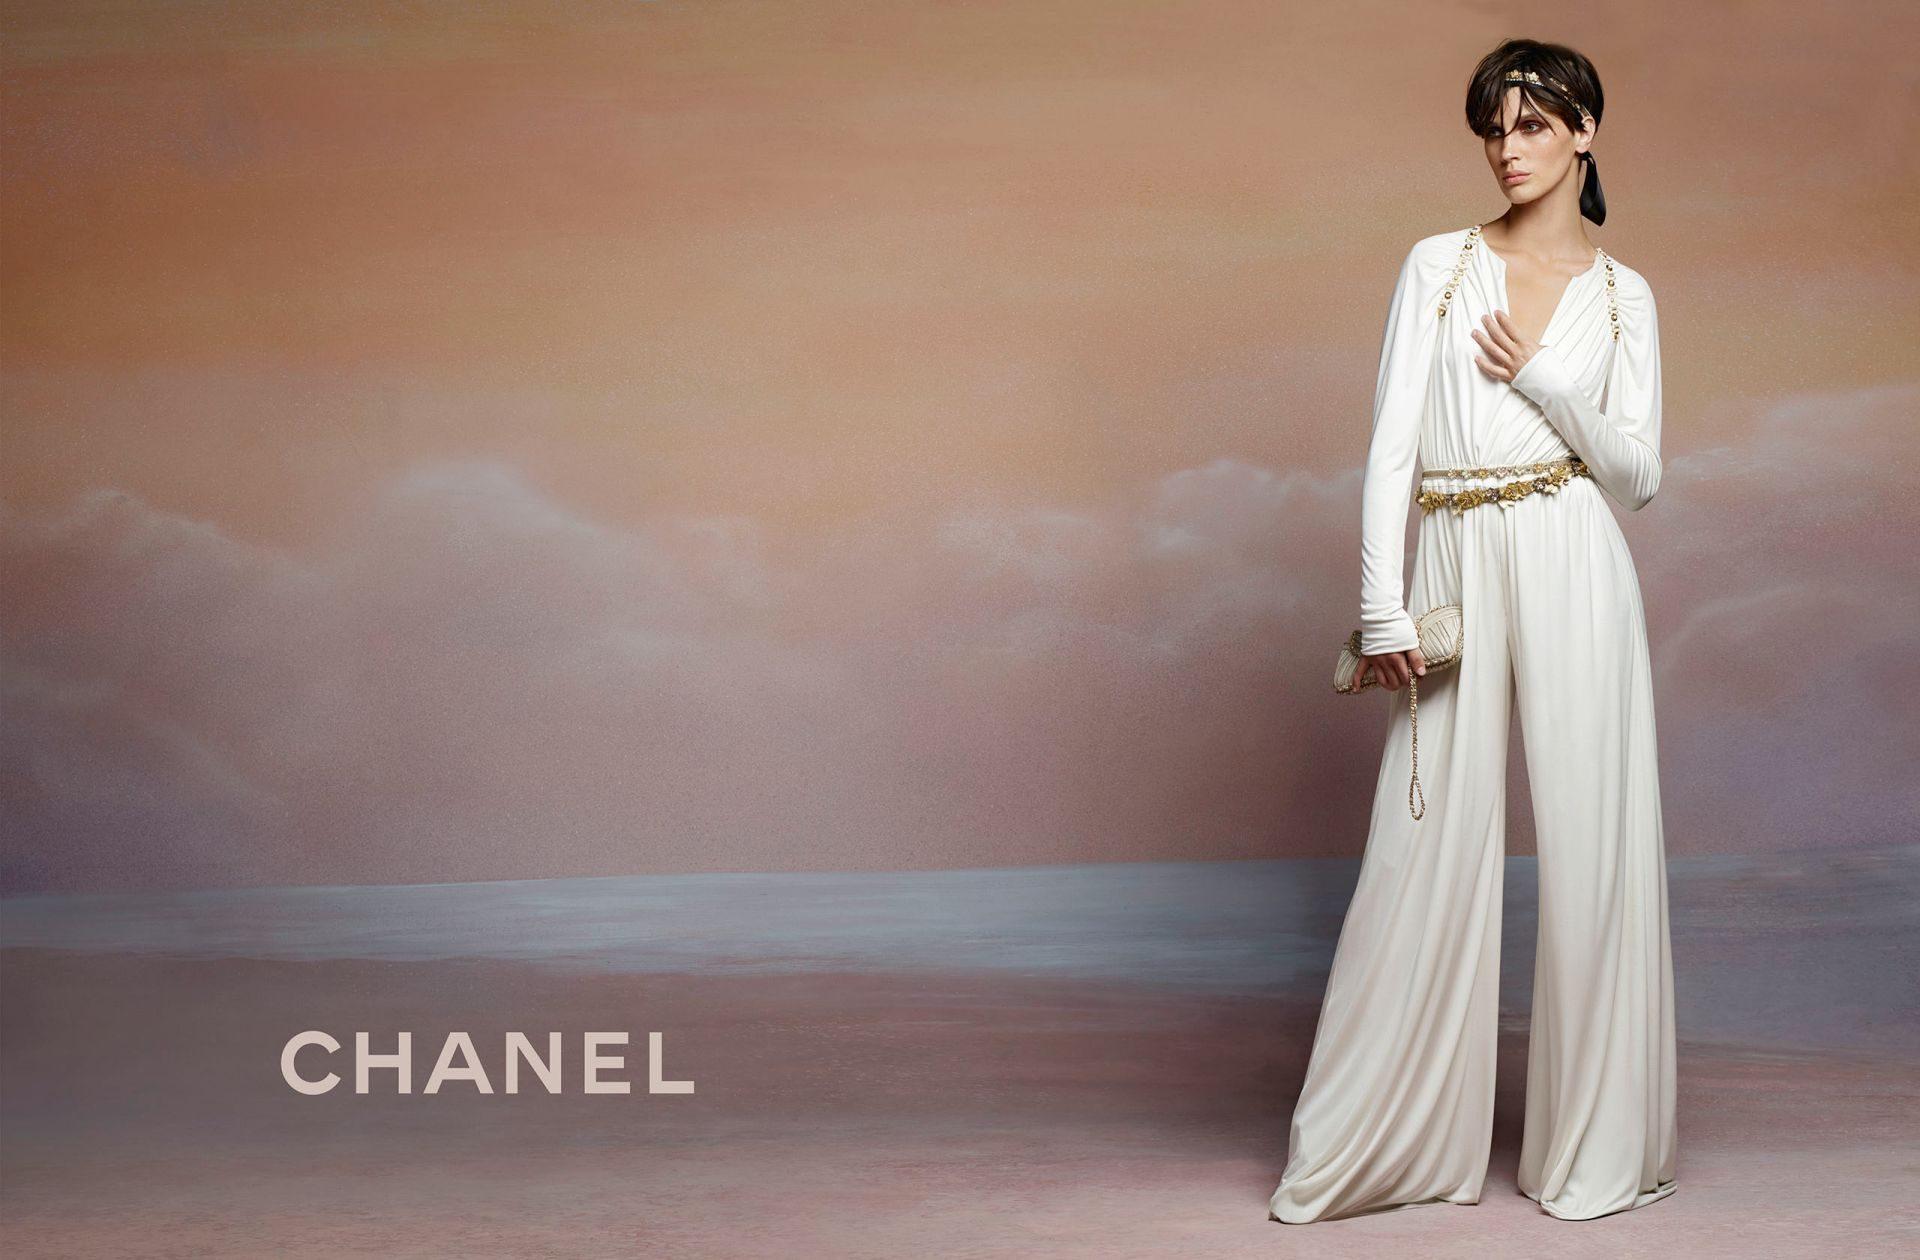 Chanel-resort-2018-ad-campaign-05